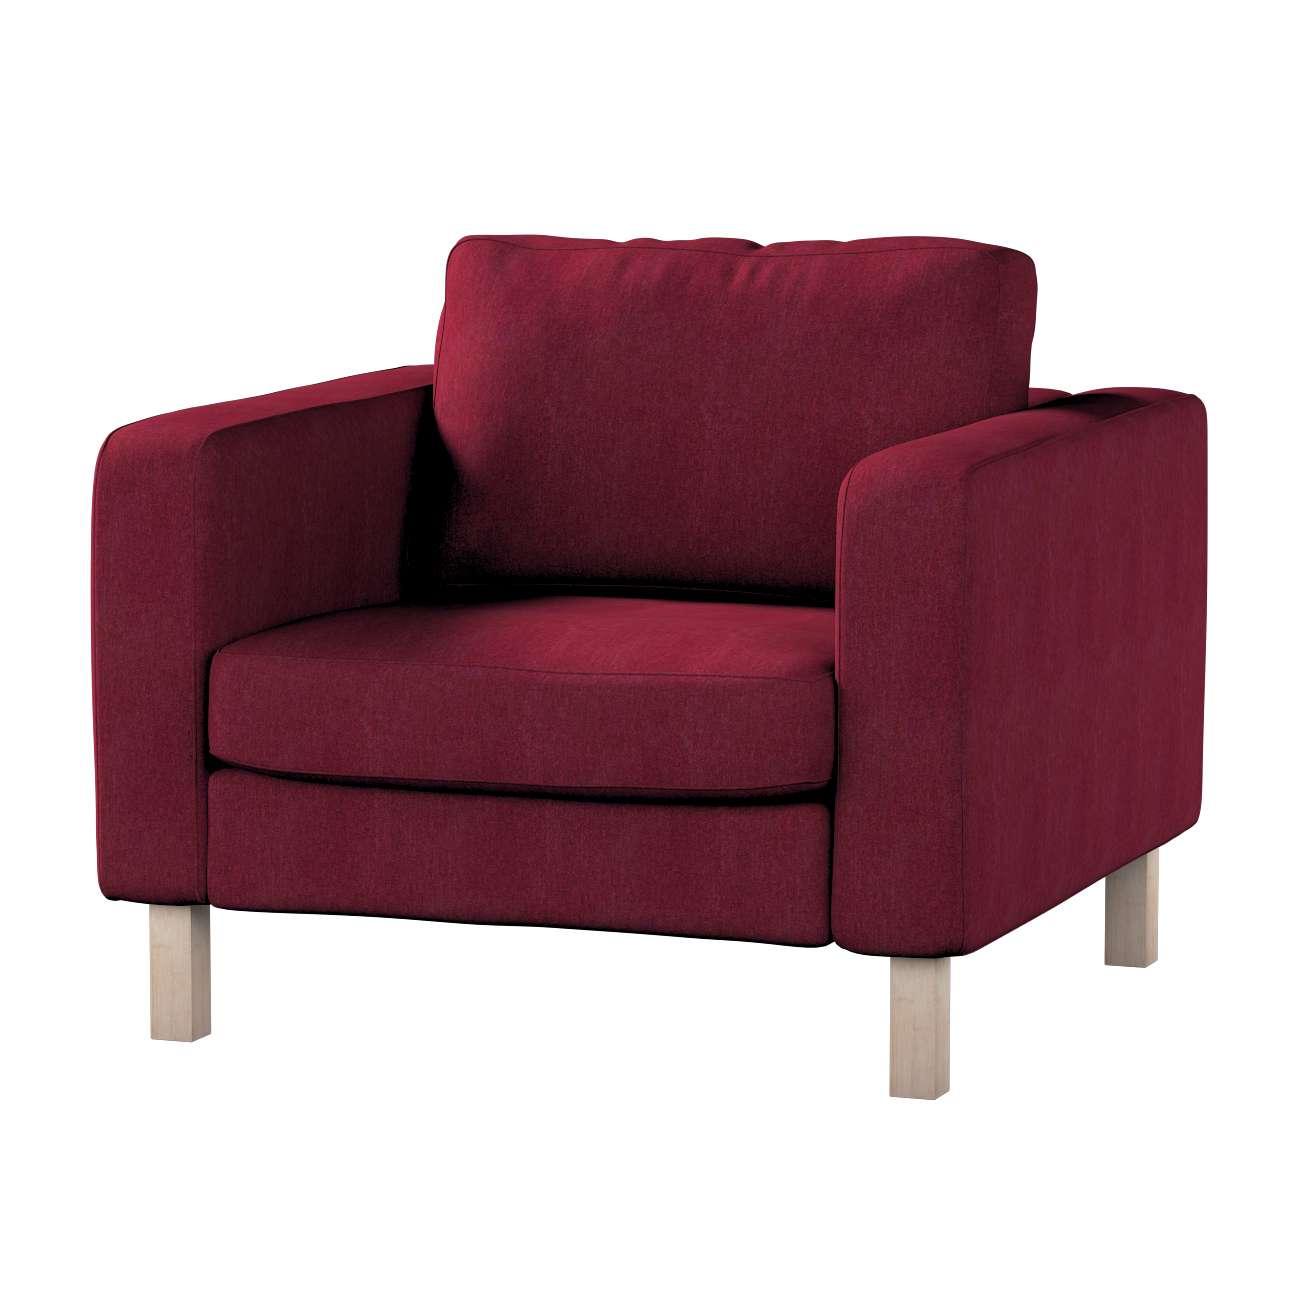 Karlstad fotelio užvalkalas Karlstad fotelio užvalkalas kolekcijoje Chenille, audinys: 702-19